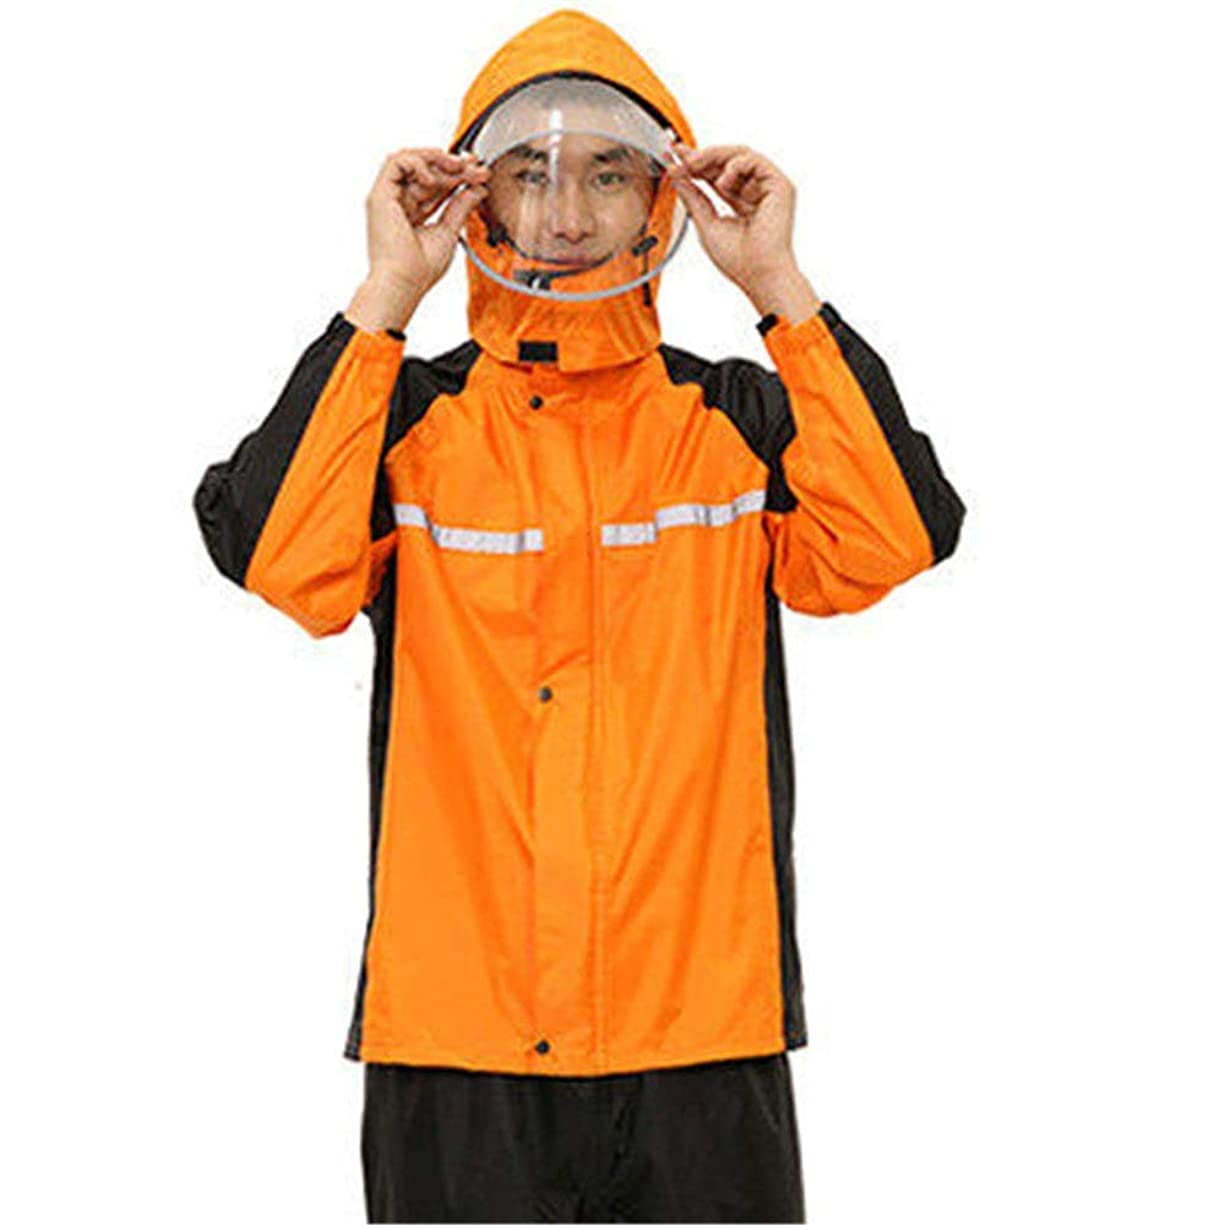 同志ジャンプする重なる防水ポンチョ 防水スーツのジャケットとズボンレインコート解決バイク自転車マウンテンバイクに乗って車体外側バンド嵐風のレインコートのジャケット サイクリングレインコートレインコート (色 : C3, サイズ : XXXL)